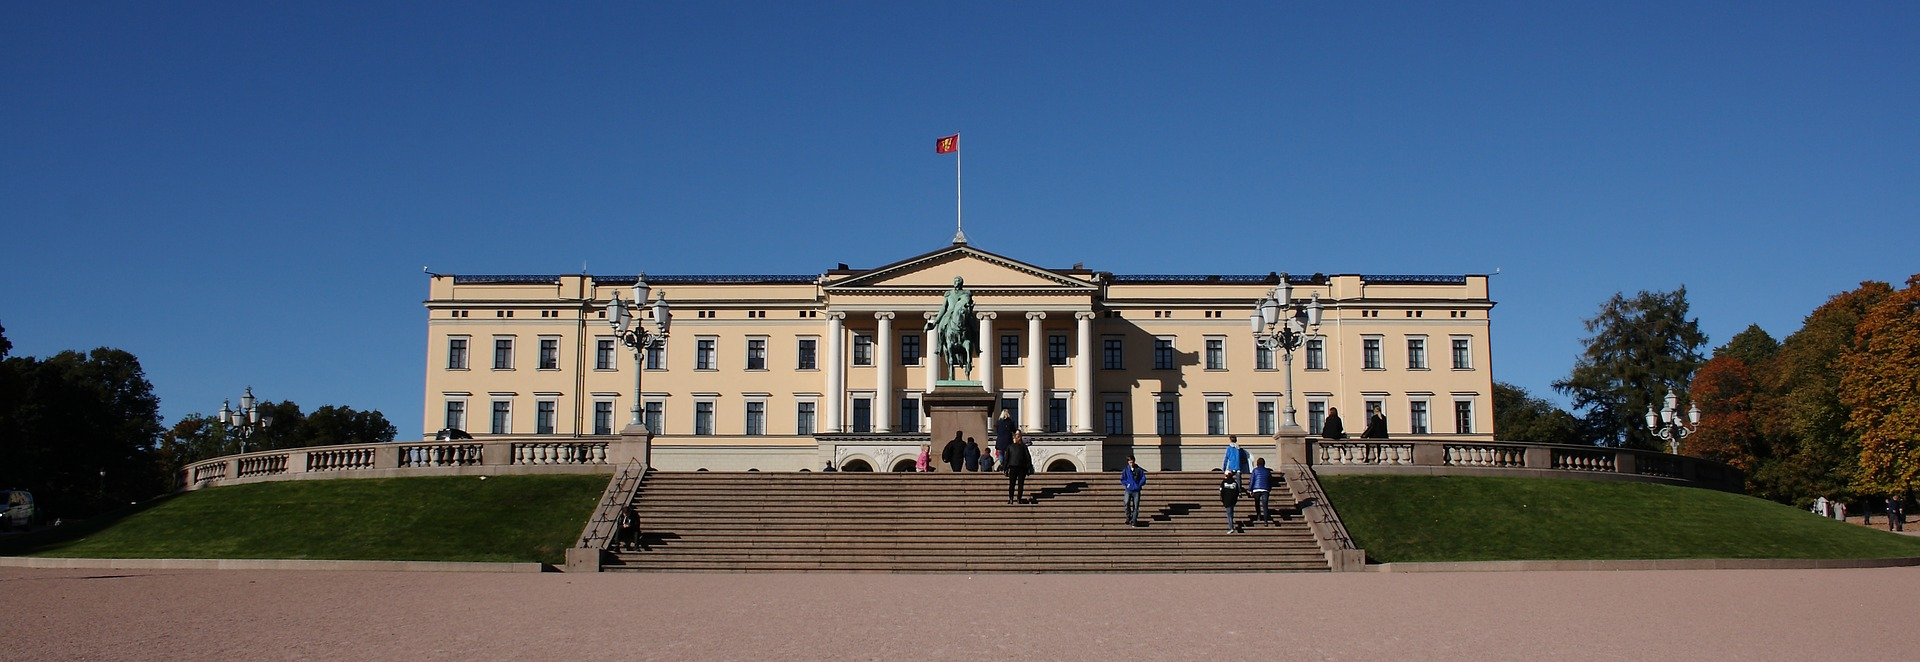 Oslo Sehenswürdigkeiten Top 10 Dänemark Städtereise in die Haupstadt